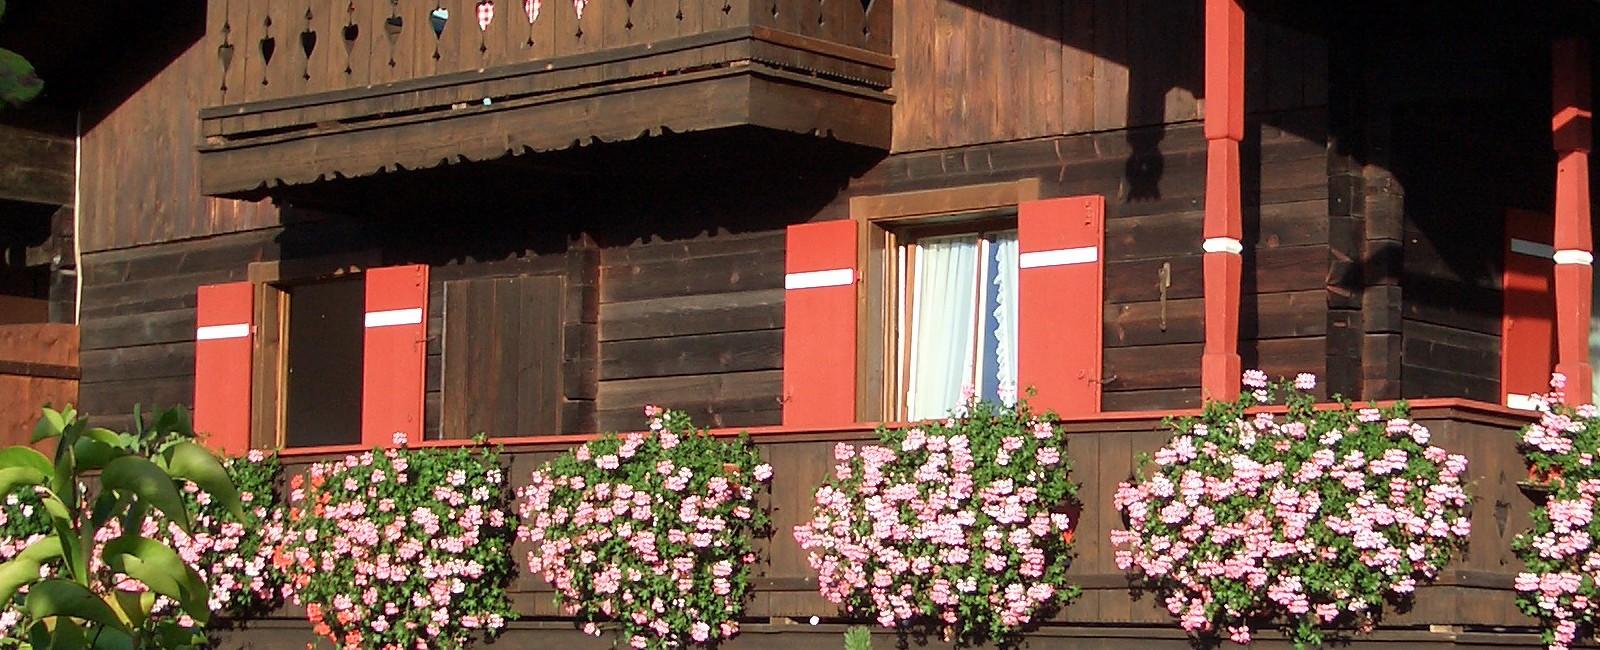 Ferienwohnungen Schillmeier am Königssee